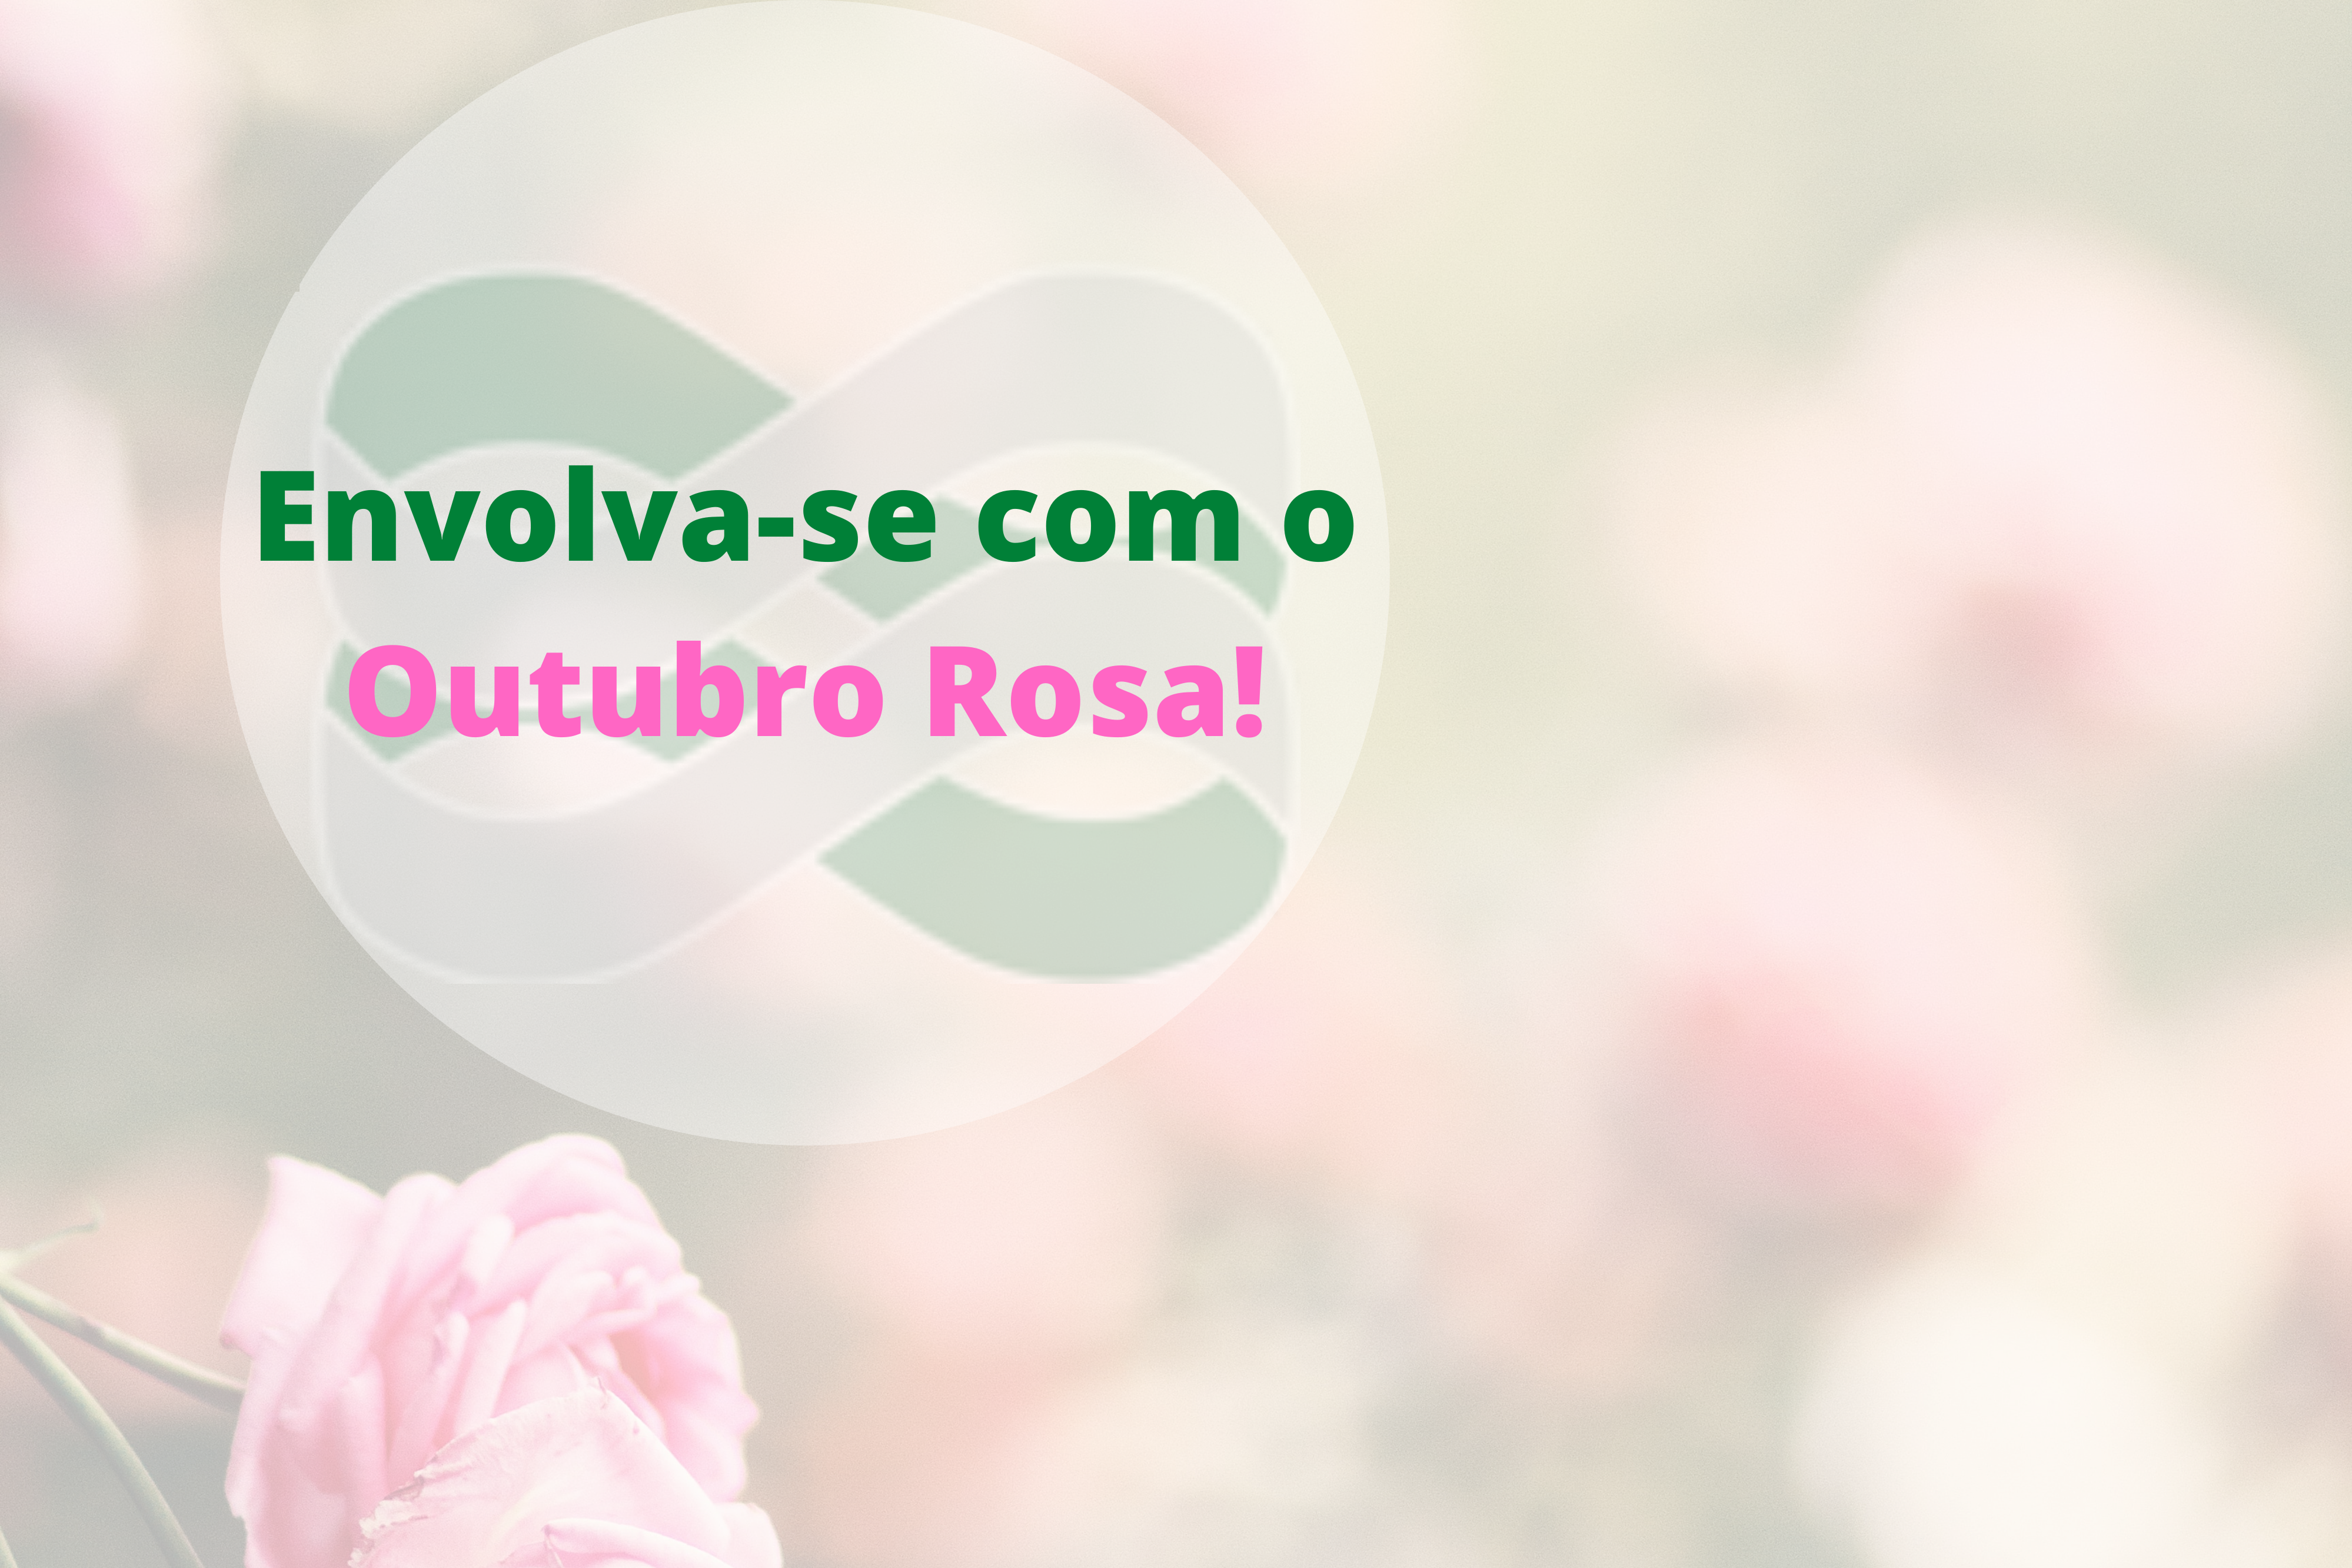 Envolva-se com o Outubro Rosa!